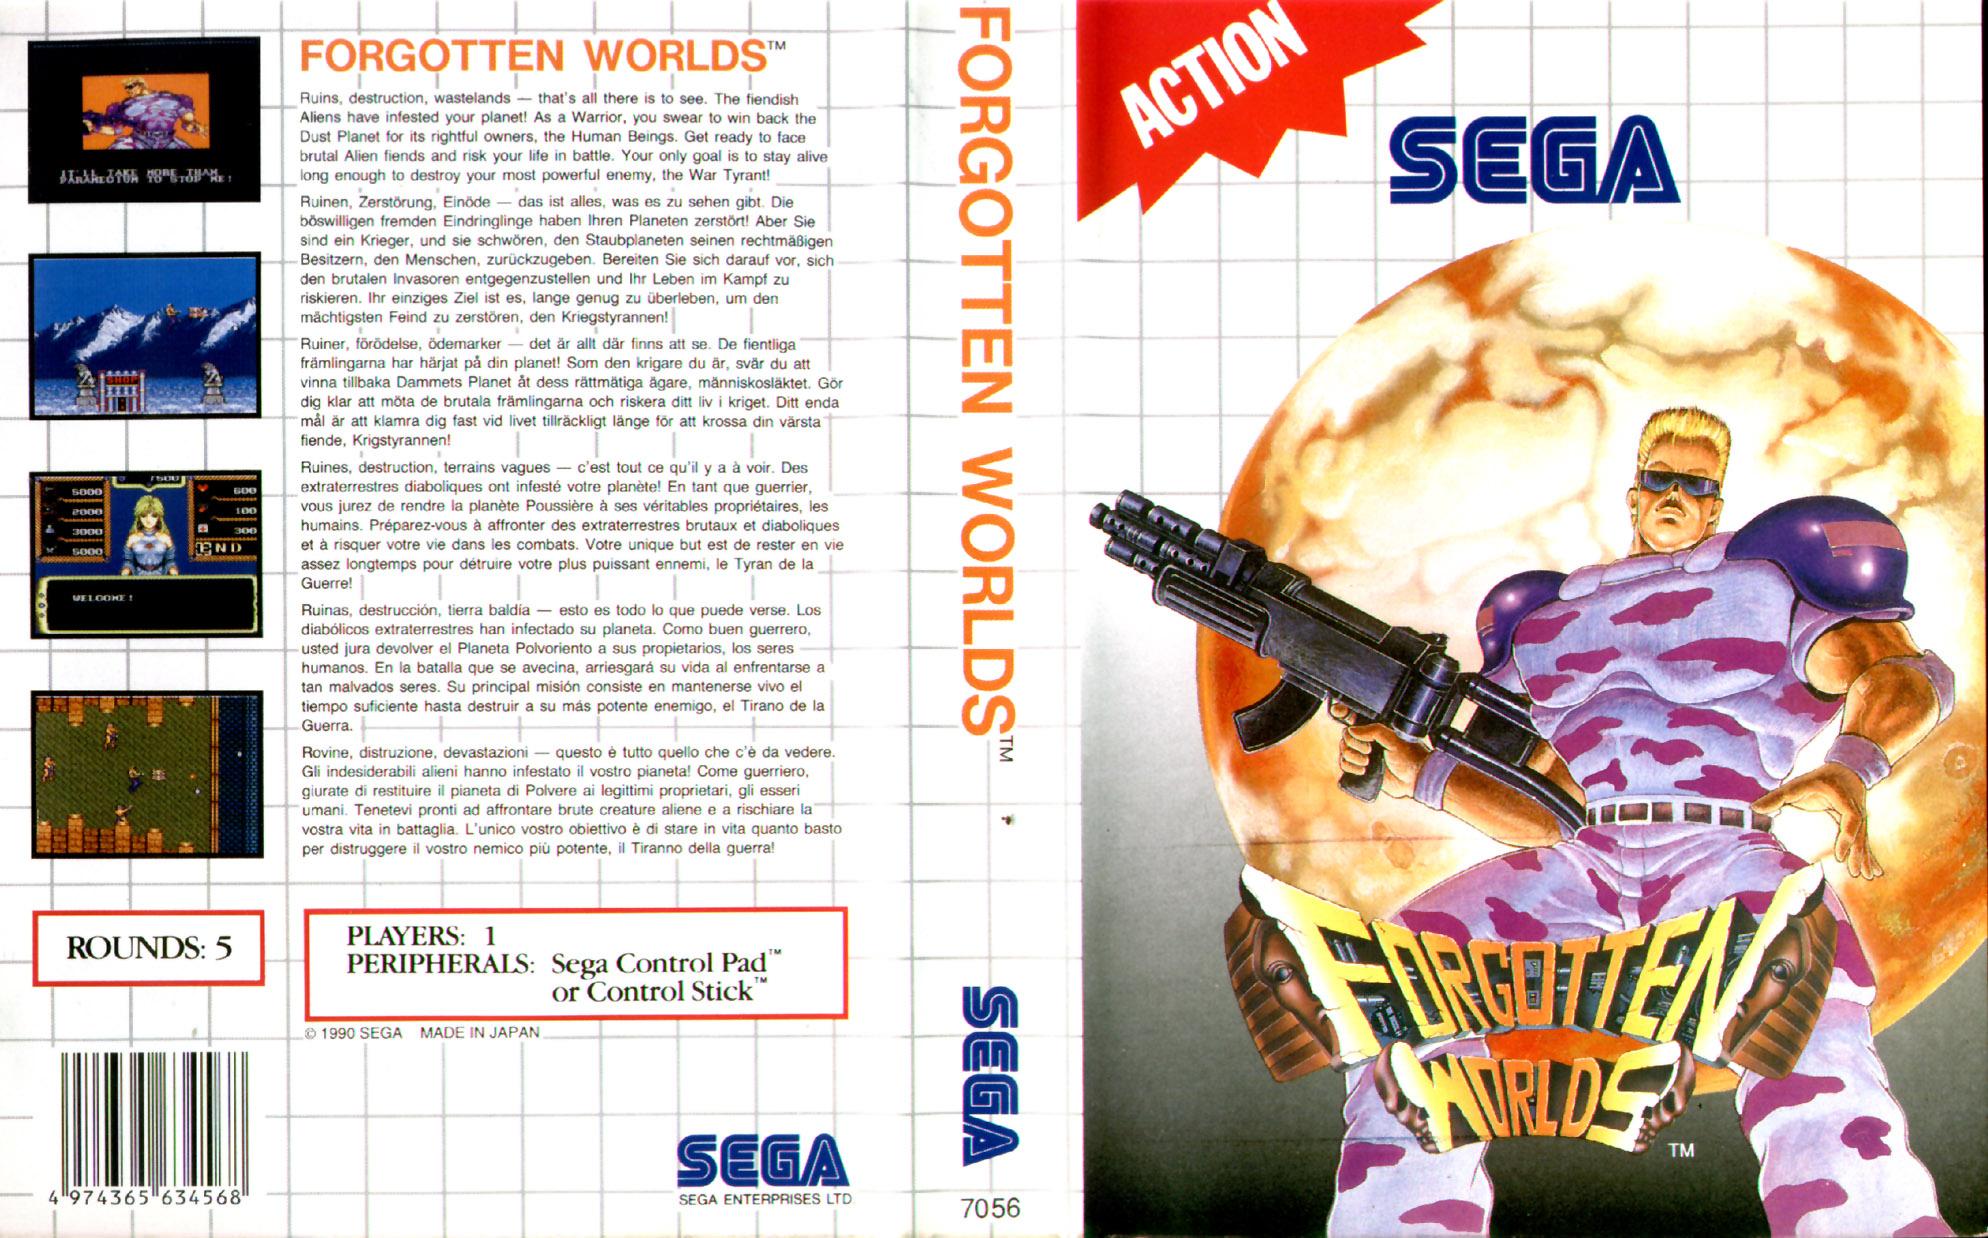 http://www.smspower.org/uploads/Scans/ForgottenWorlds-SMS-EU.jpg